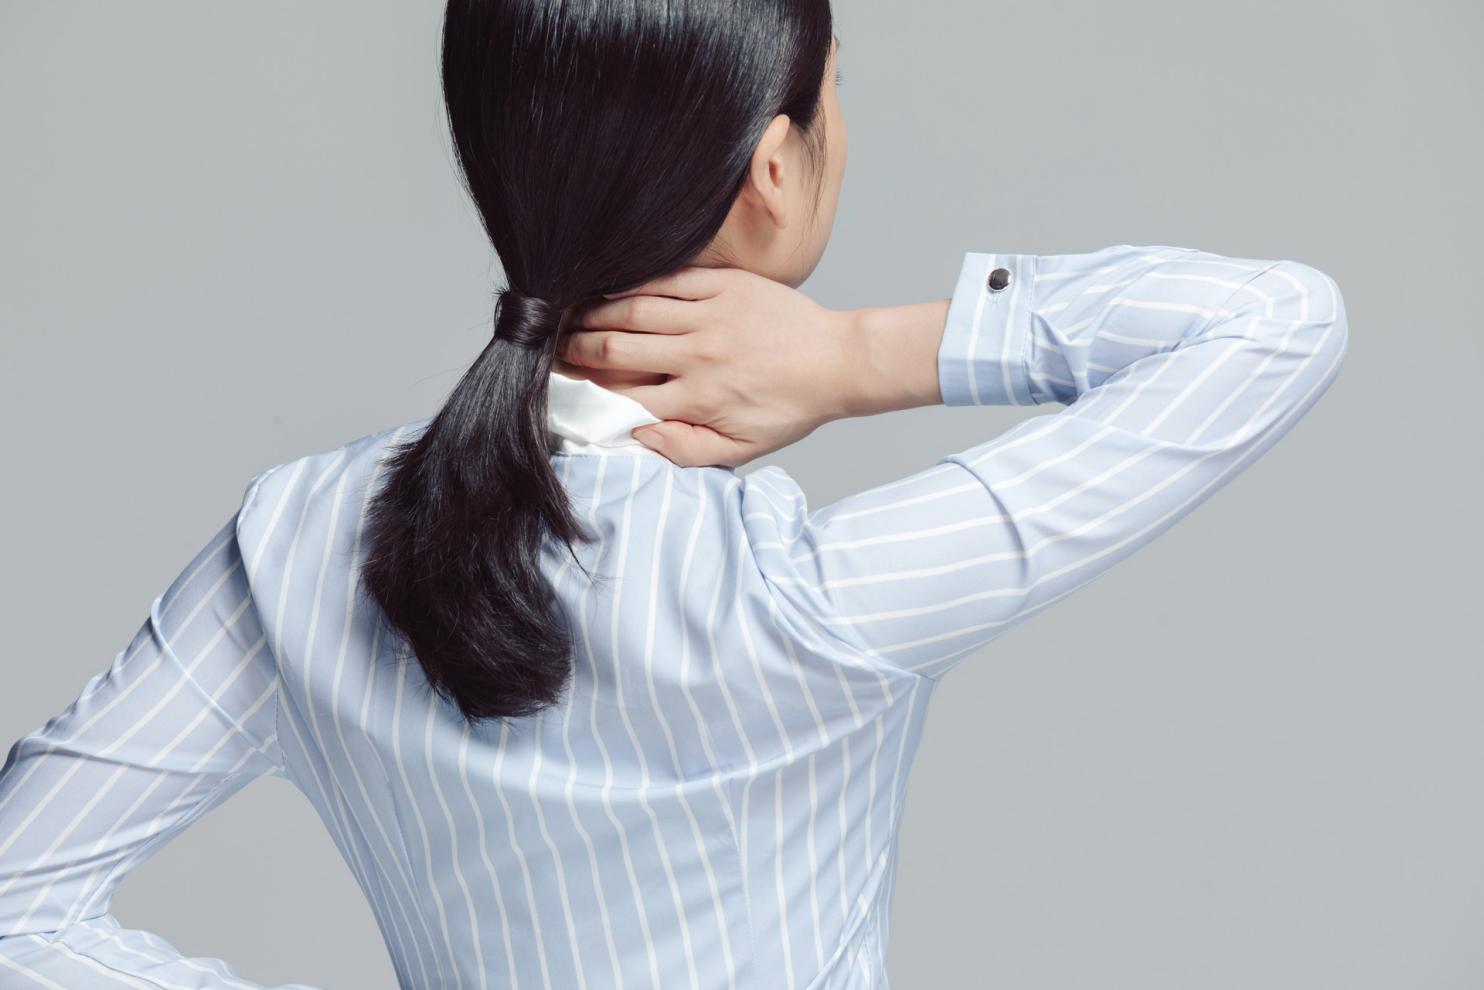 摄图网_501651753_banner_白领商务女性腰酸背痛特写(非企业商用)